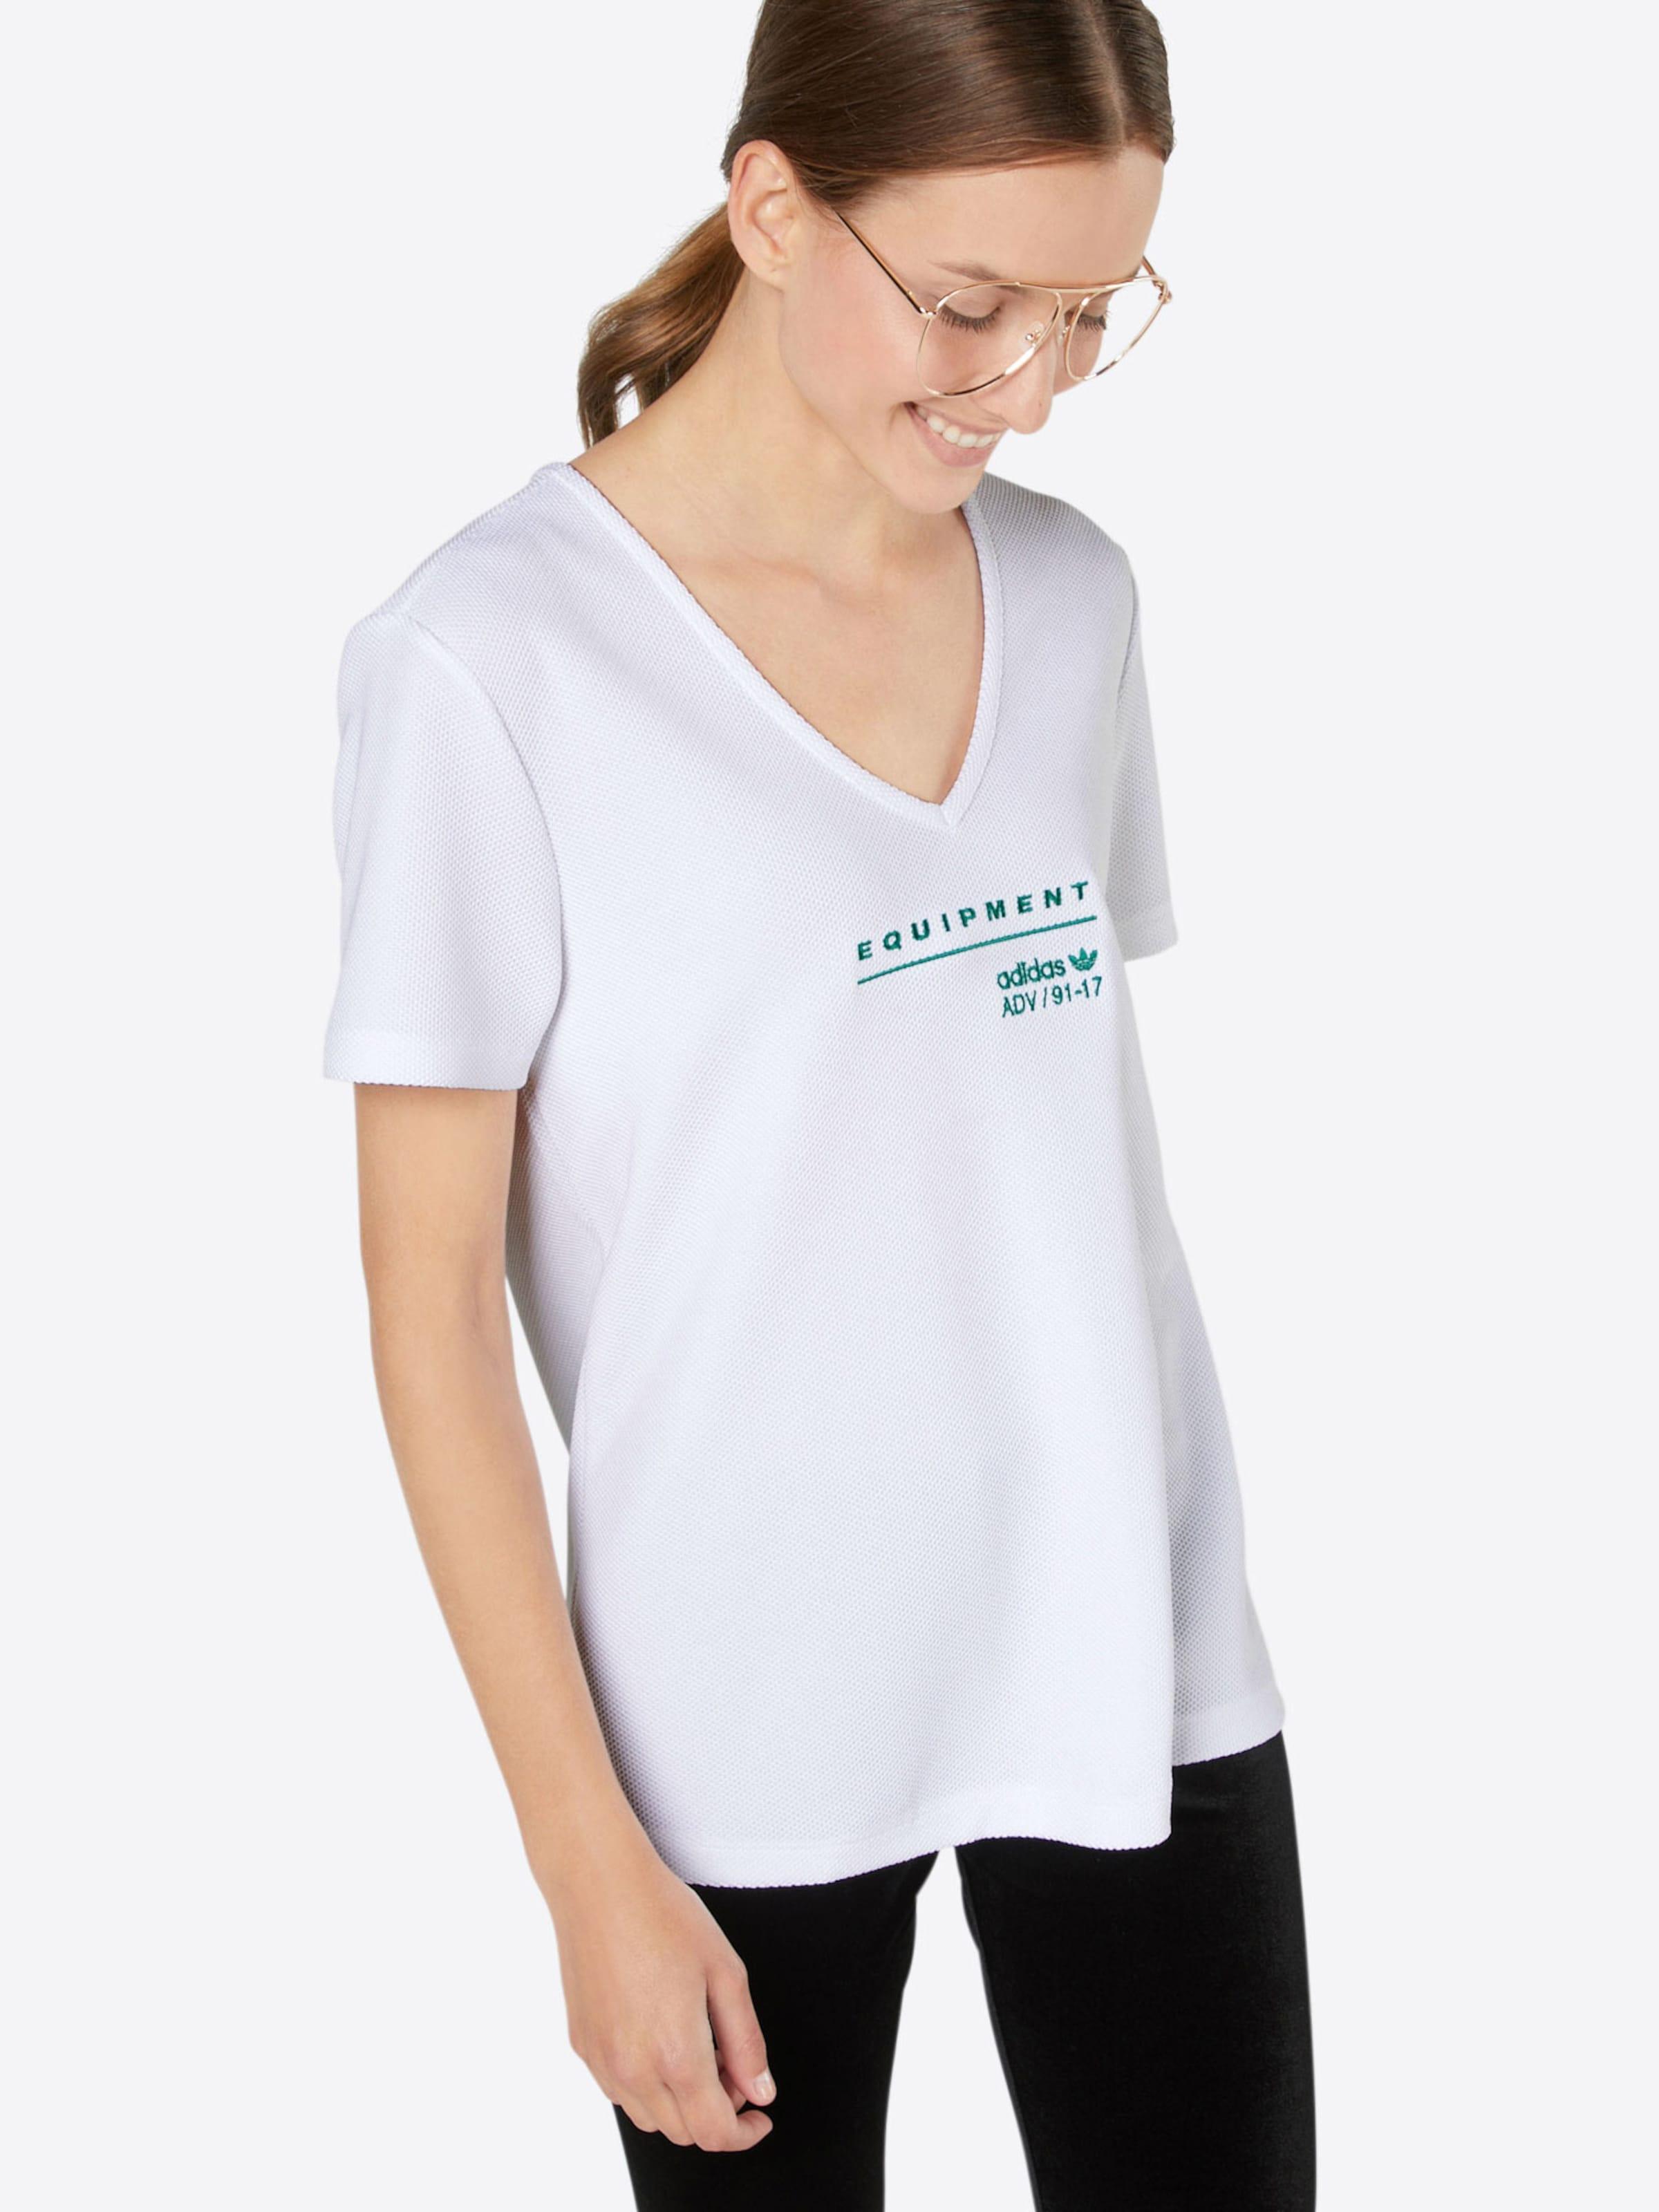 Extrem Zum Verkauf ADIDAS ORIGINALS T-Shirt 'EQT LOGO' Freies Verschiffen Online Freies Verschiffen Großer Verkauf Am Billigsten 9hbyue